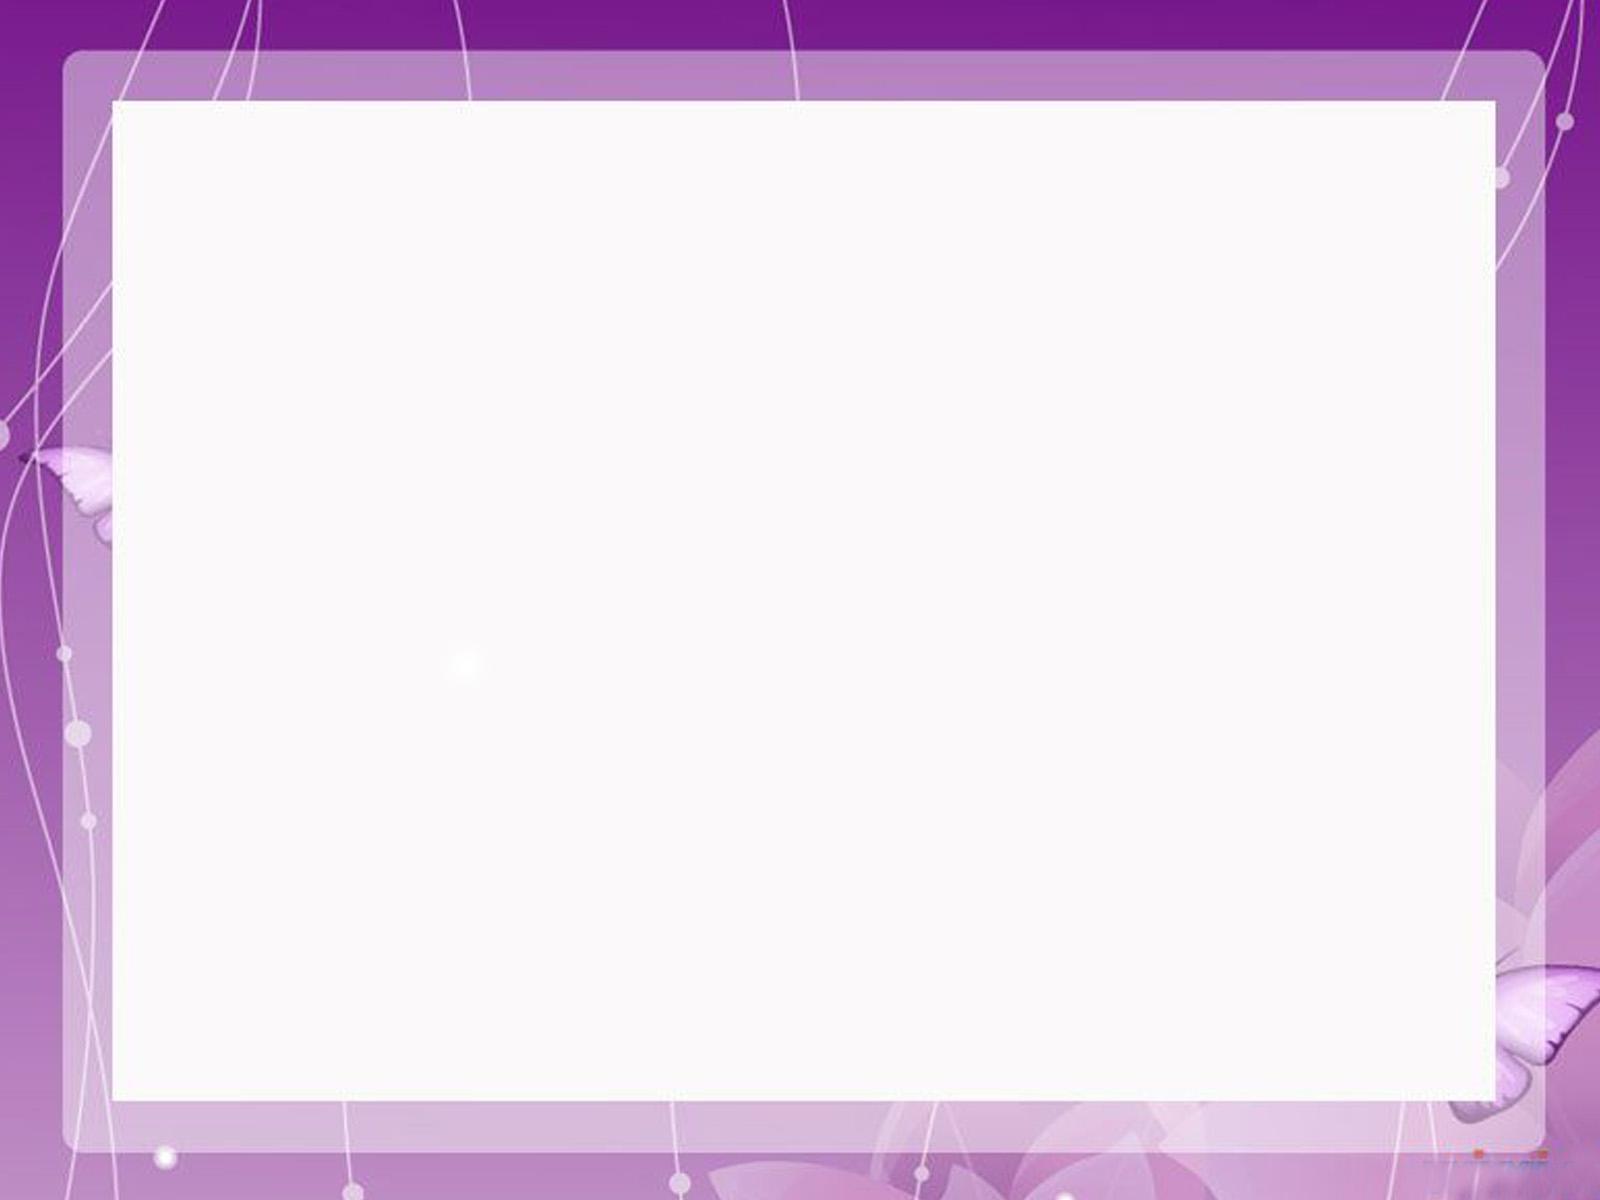 purple flower wallpaper background borders 15 desktop